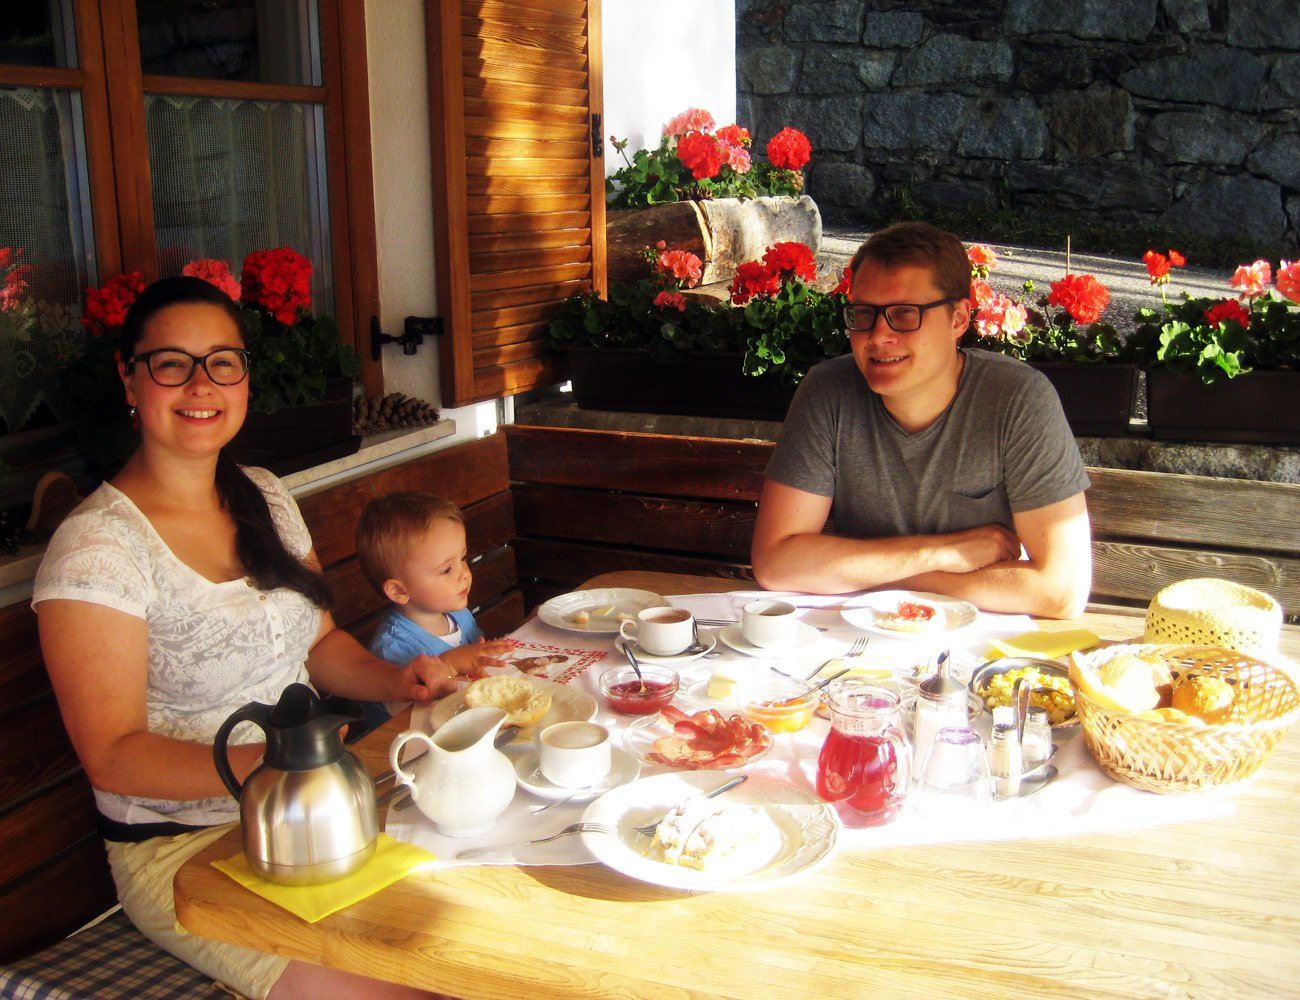 La nostra gustosa colazione nella tradizionale stube